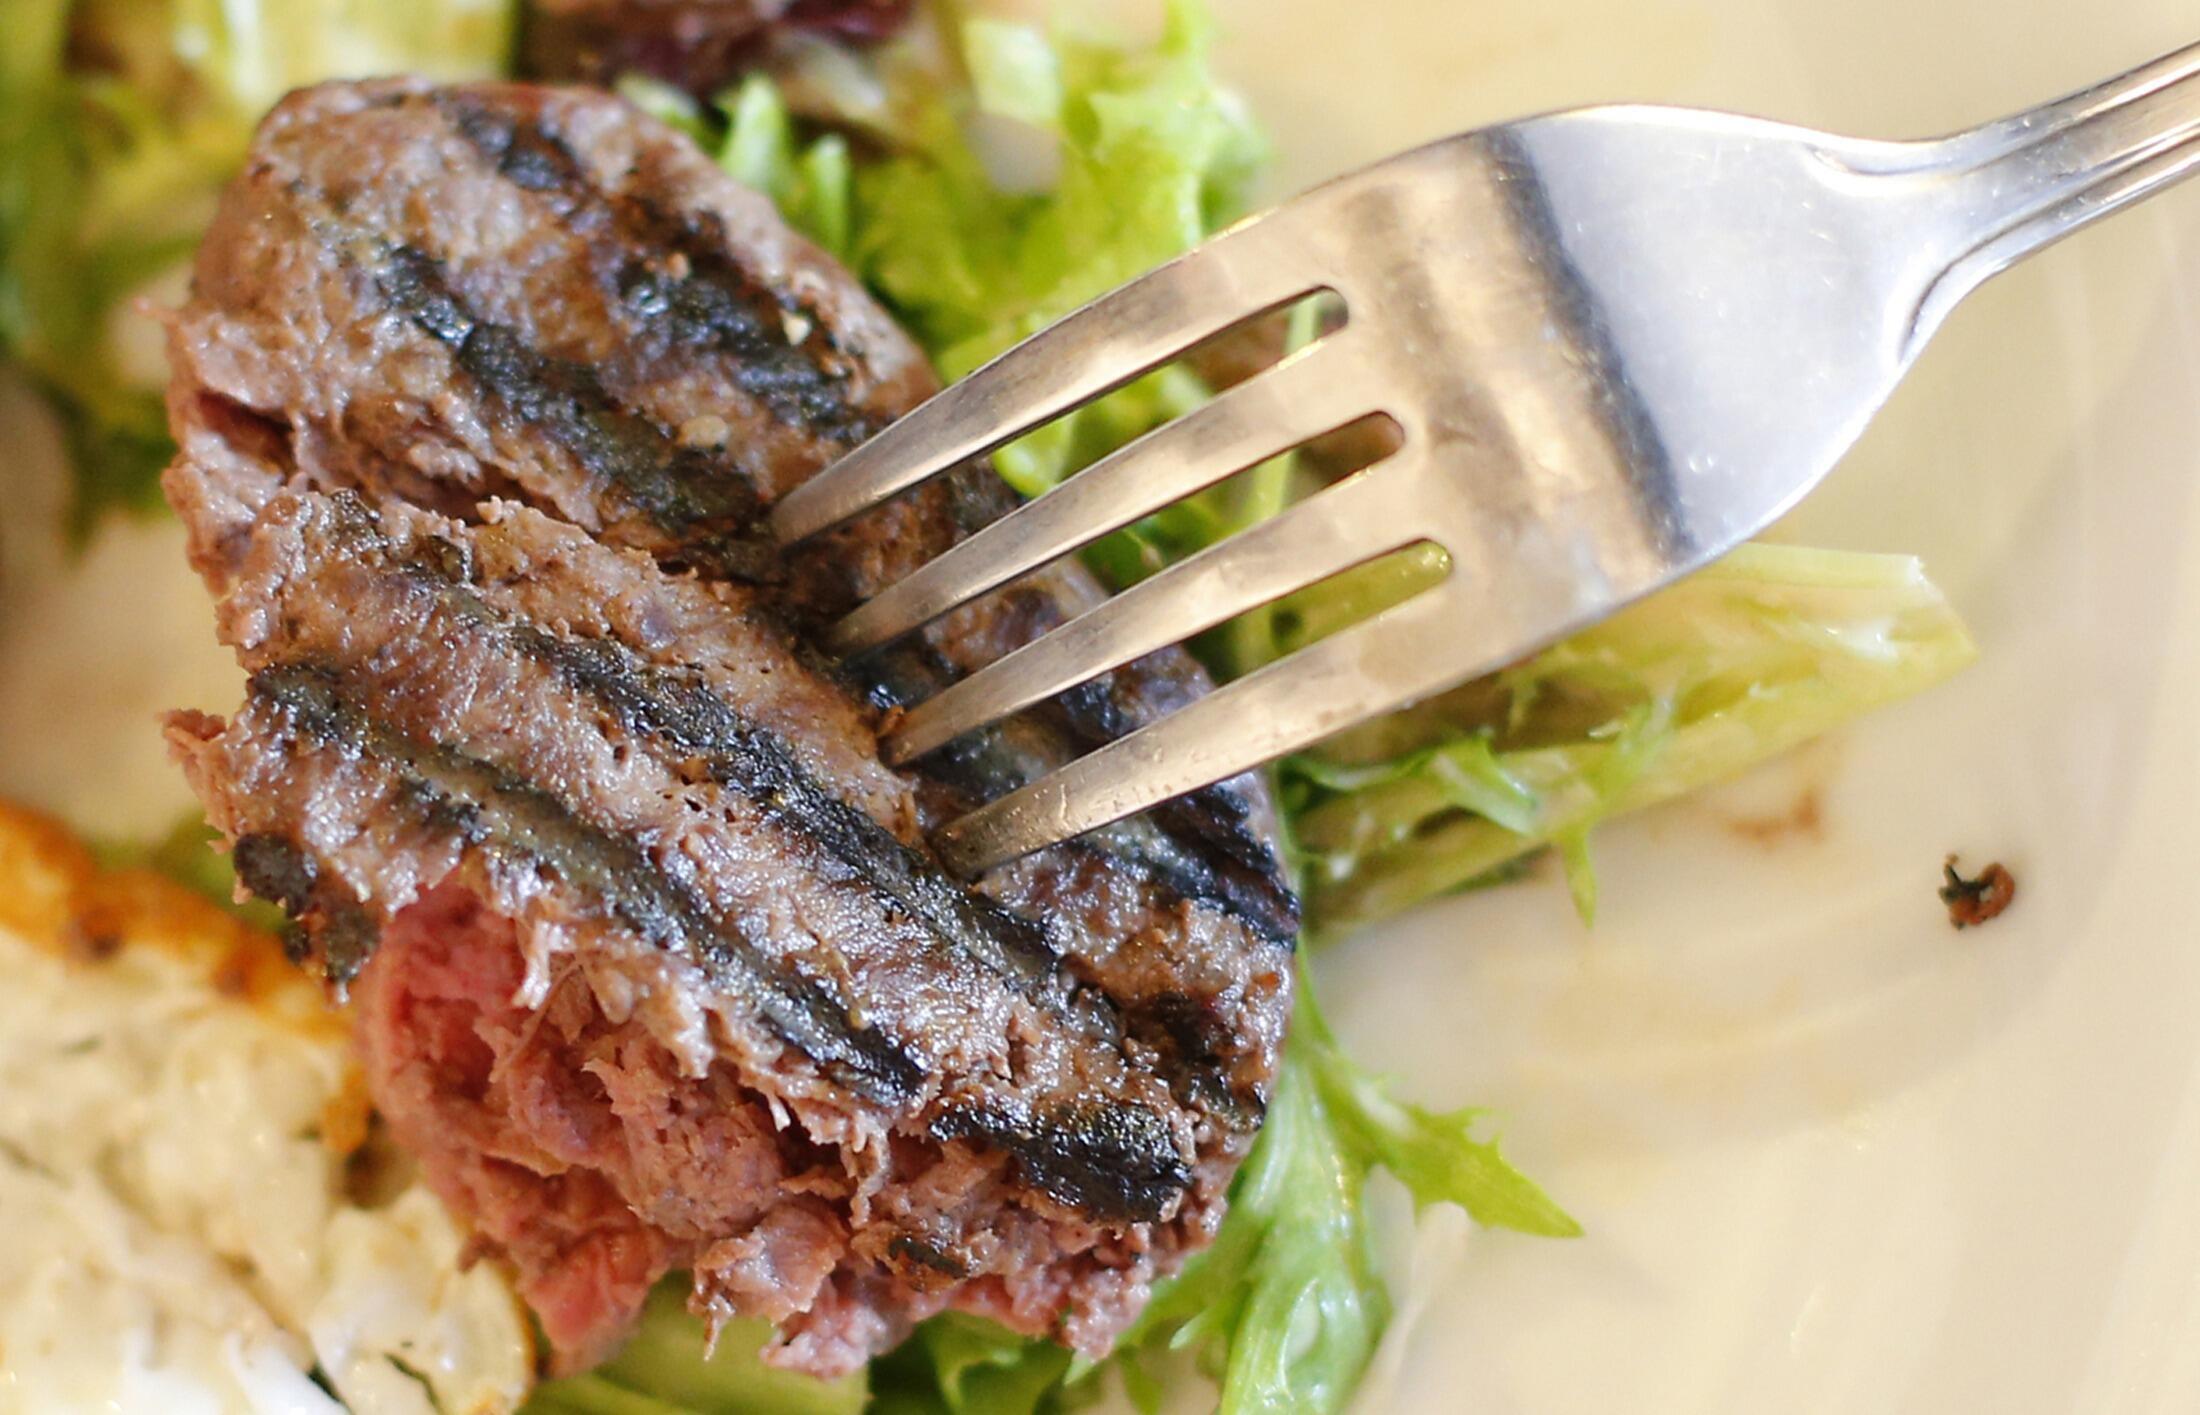 Steak de carne de cavalo servido em um restaurante francês em Londres, na Inglaterra.